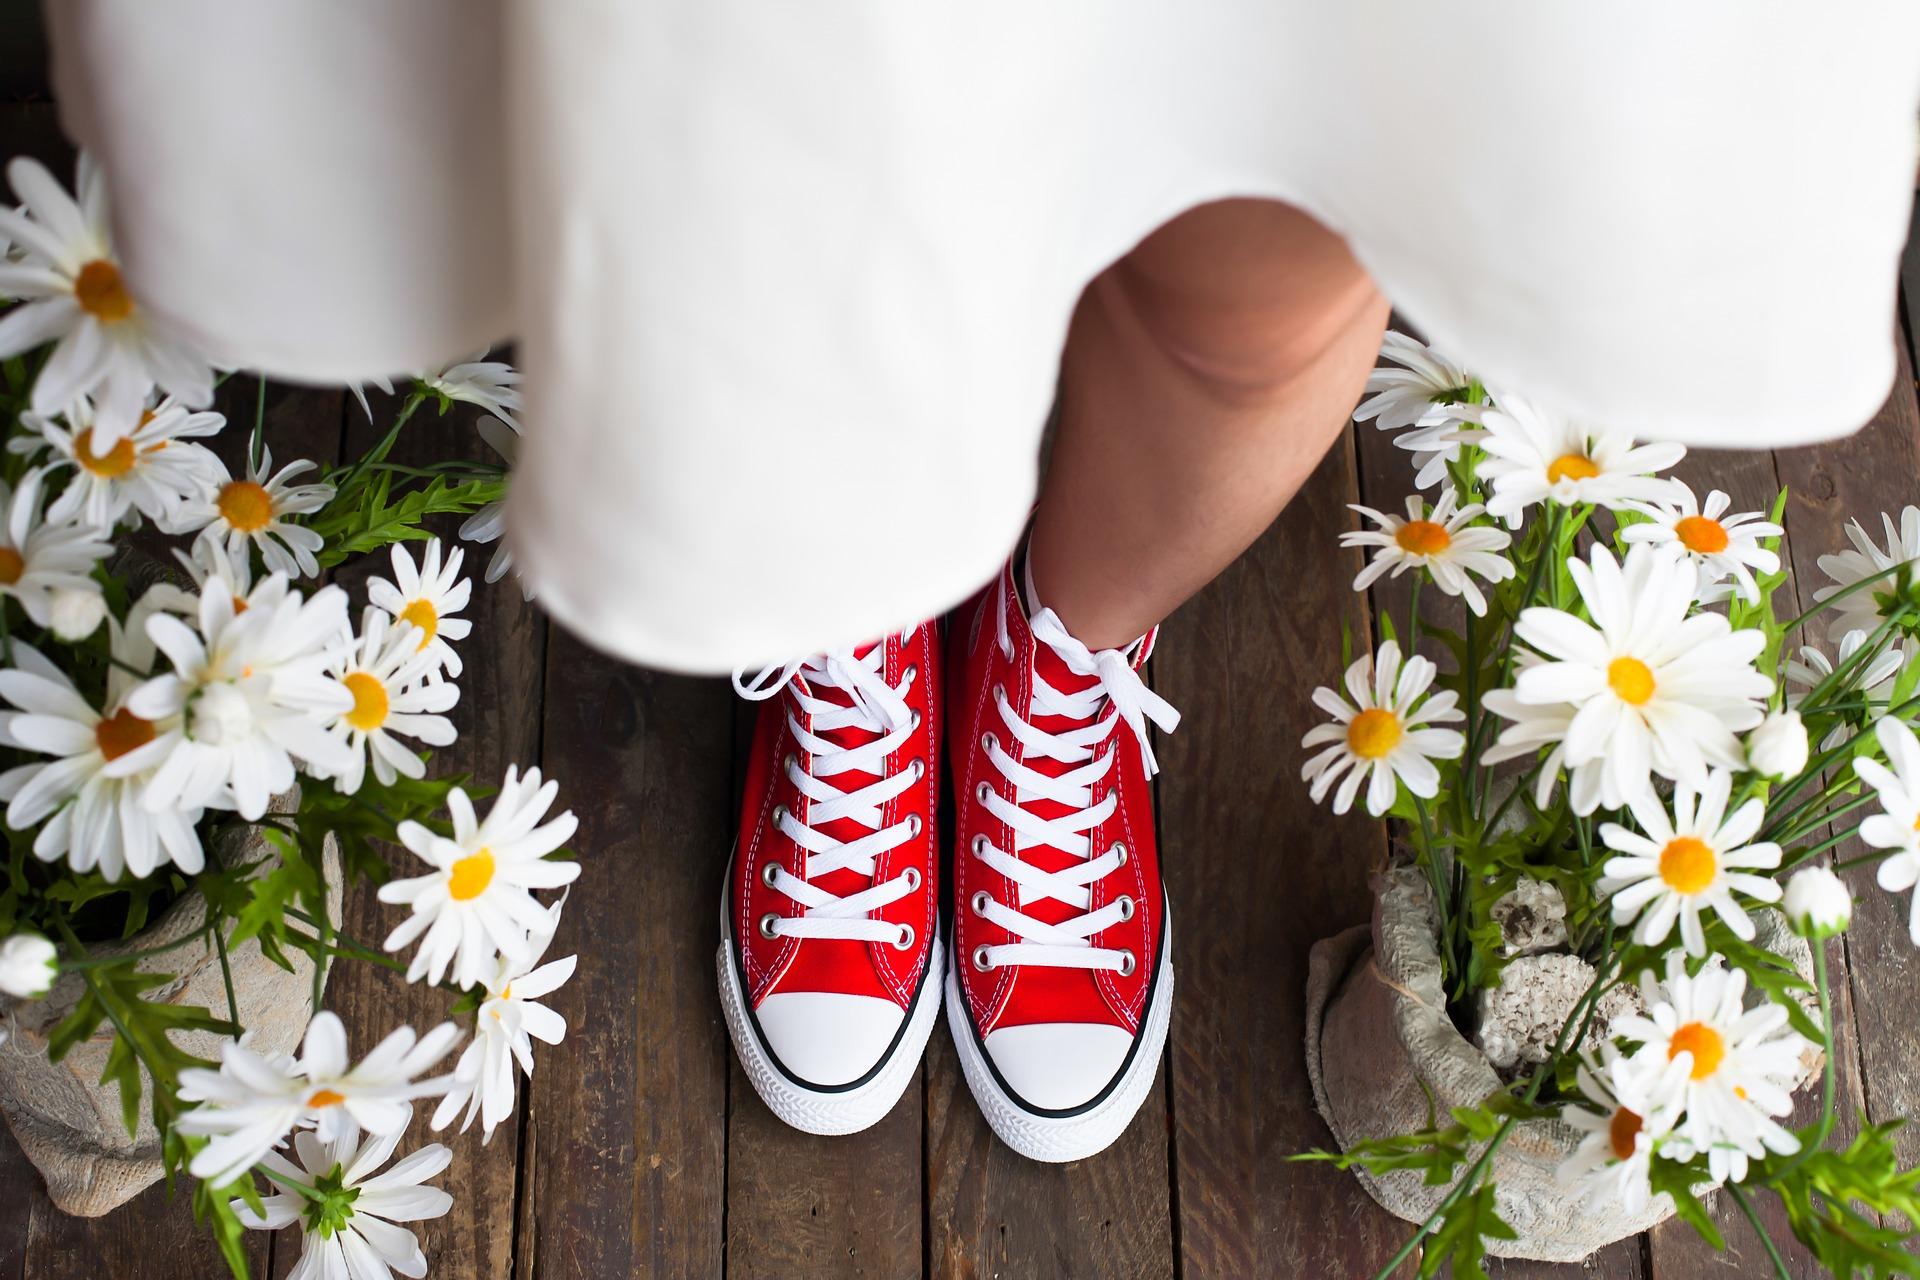 マリーゴールドの鼻が埋められた床に知りスカートと赤いコンバースの女性の足が立っている